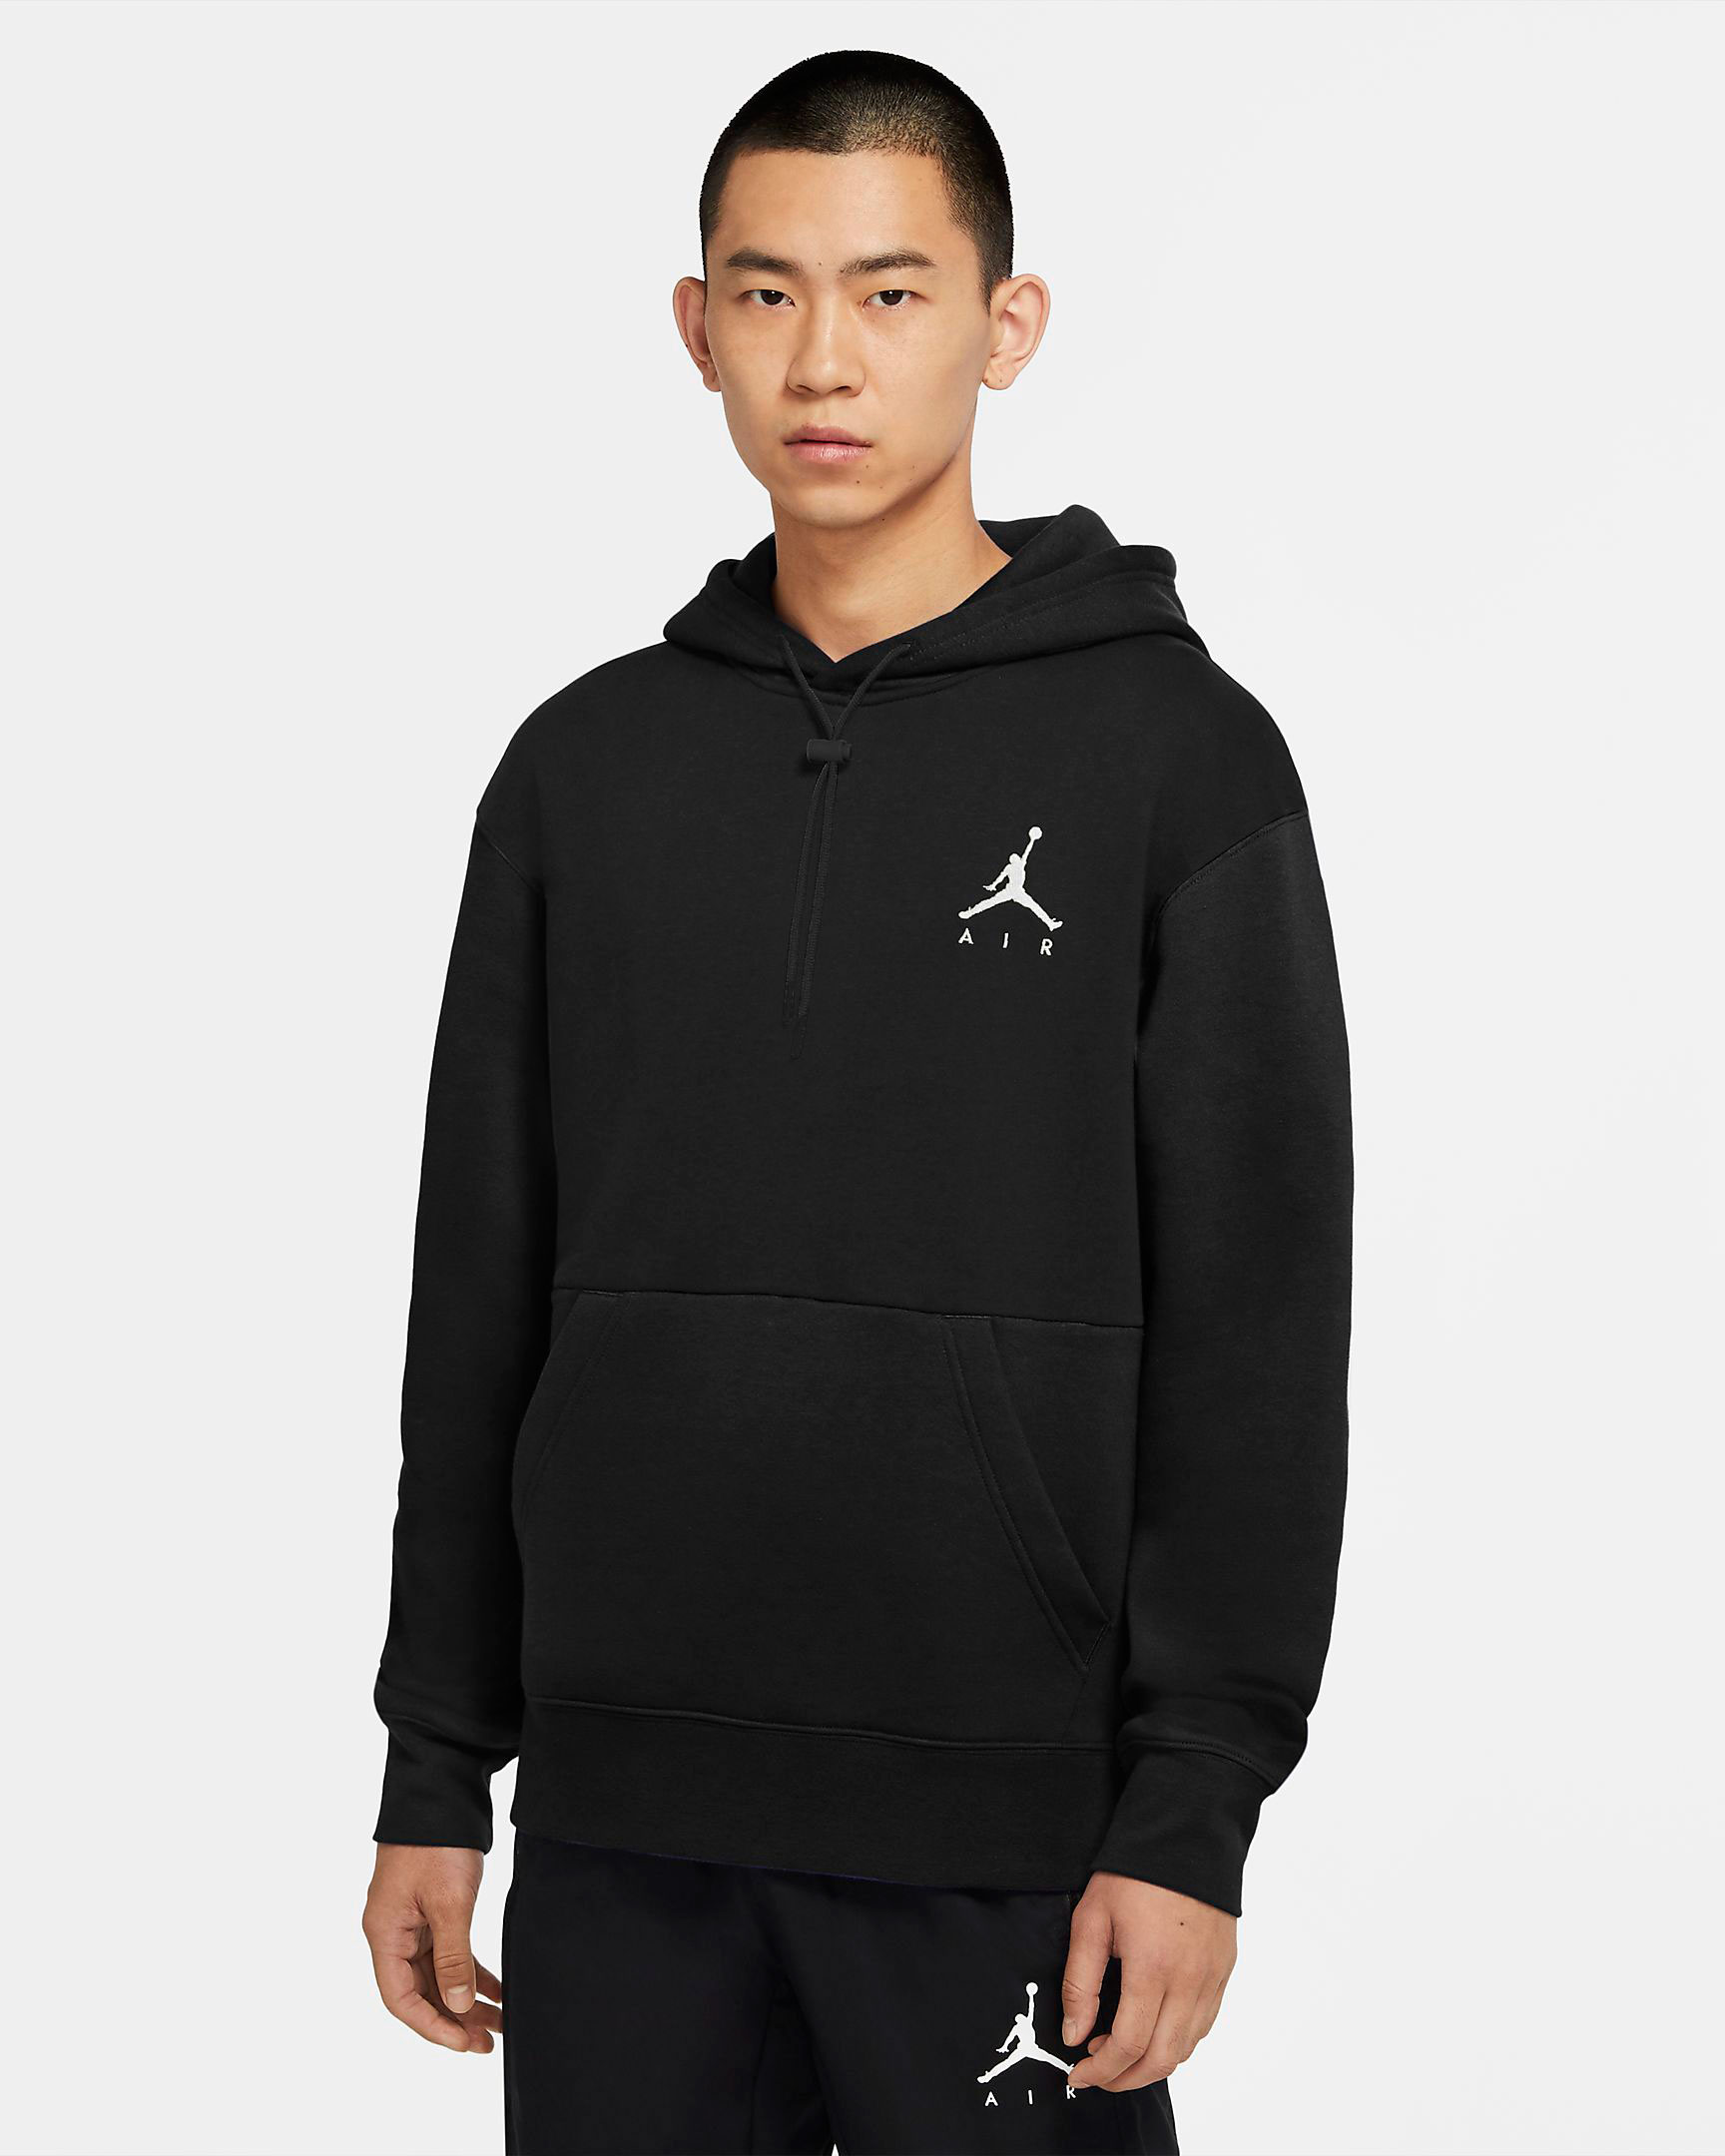 air-jordan-11-jubilee-jumpman-hoodie-match-black-white